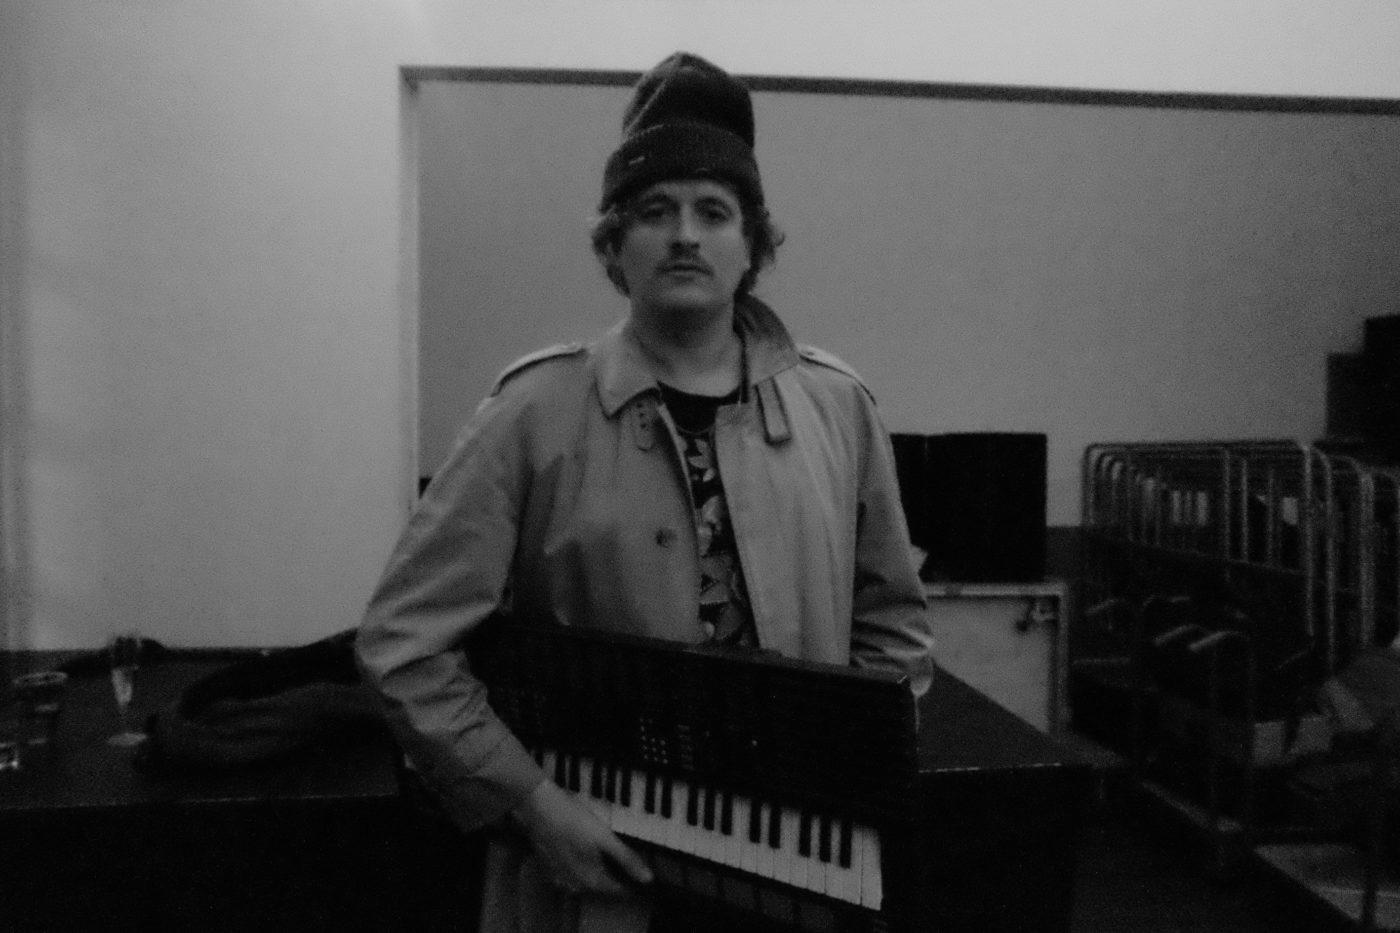 ベルギー在住の電子音楽家、Spencer Clarkが最新プロジェクトStar Searchersを率いて来日、大阪公演はclub daphniaにて